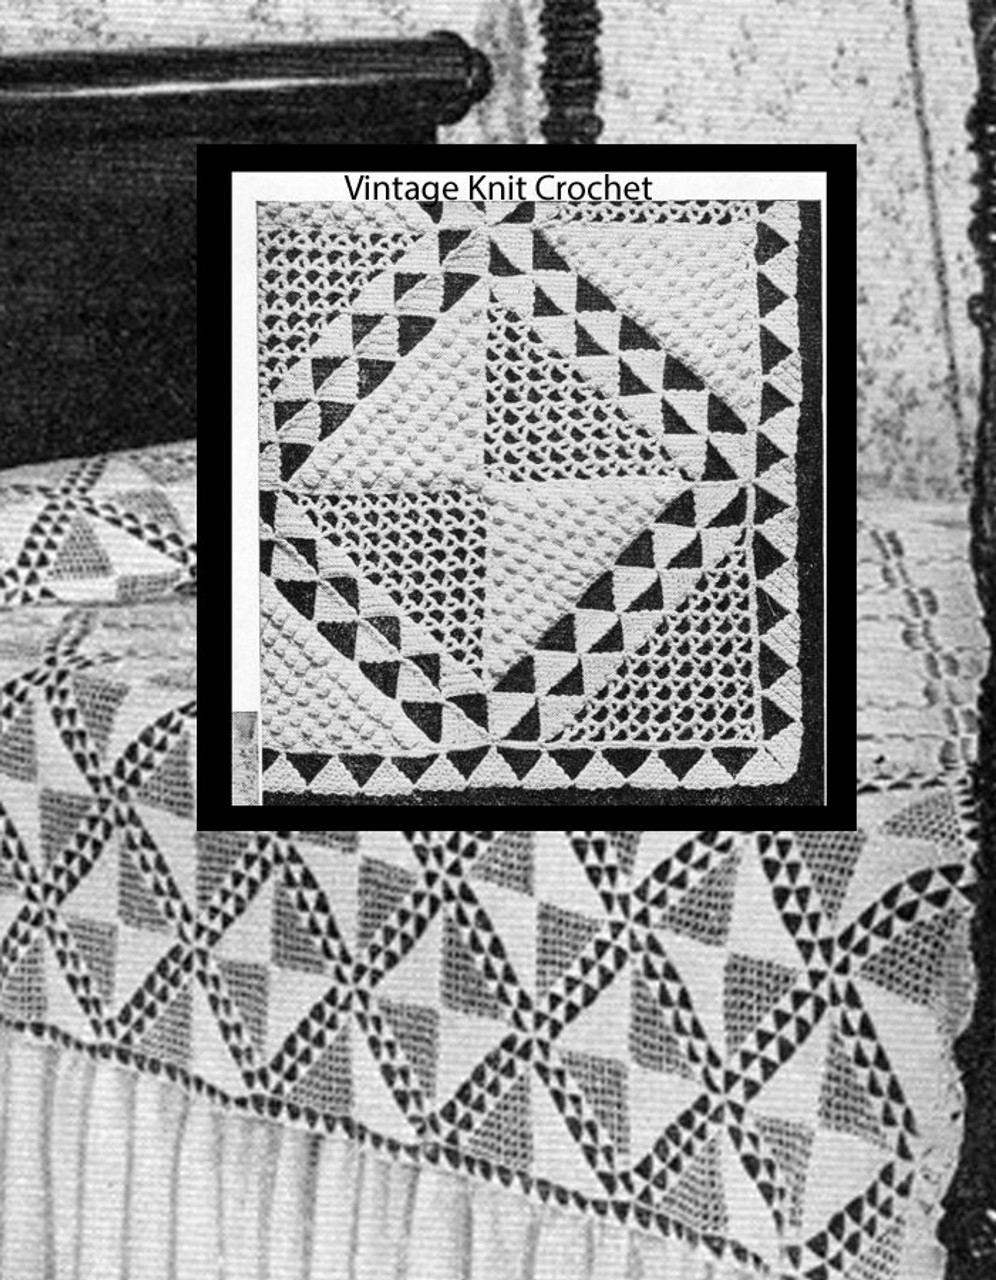 Crochet Triangle Motif Bedspread Pattern